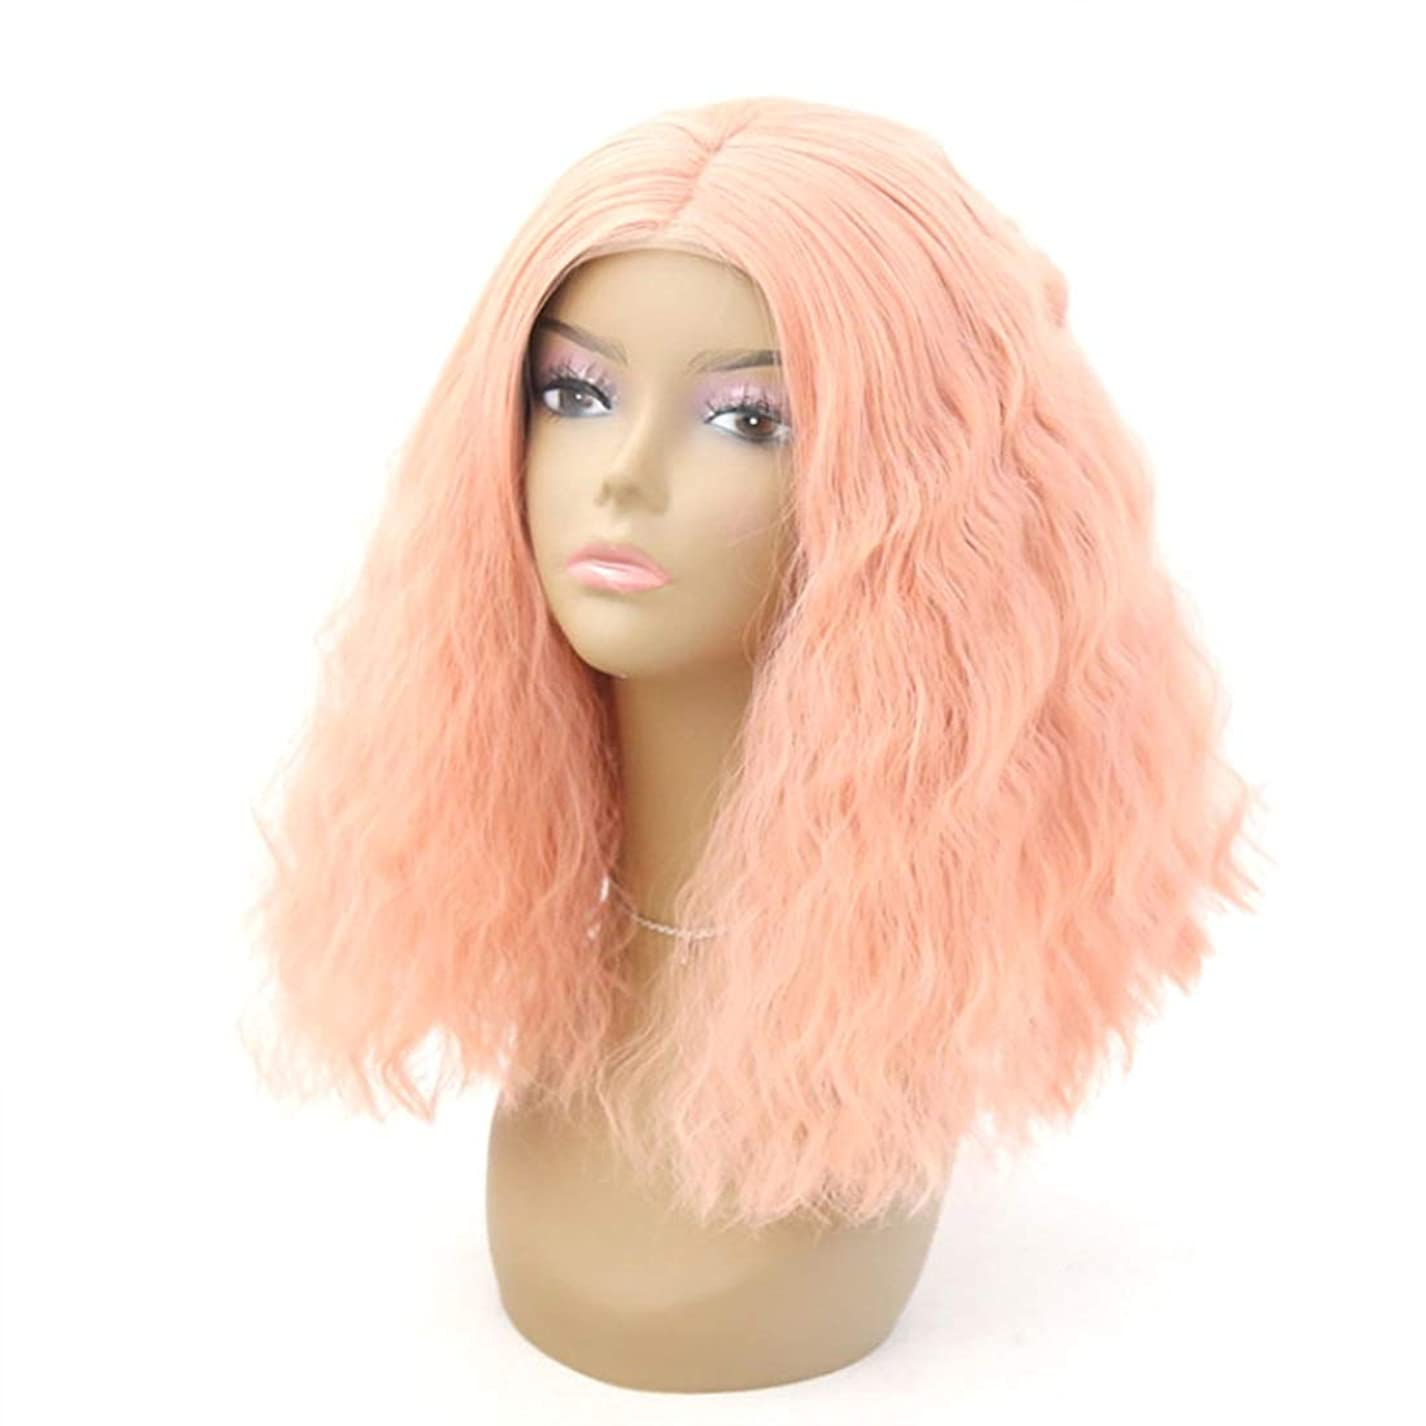 囲む冷蔵庫家Summerys 女性のためのフロントレースかつらふわふわリトルカーリーピンクショートヘア